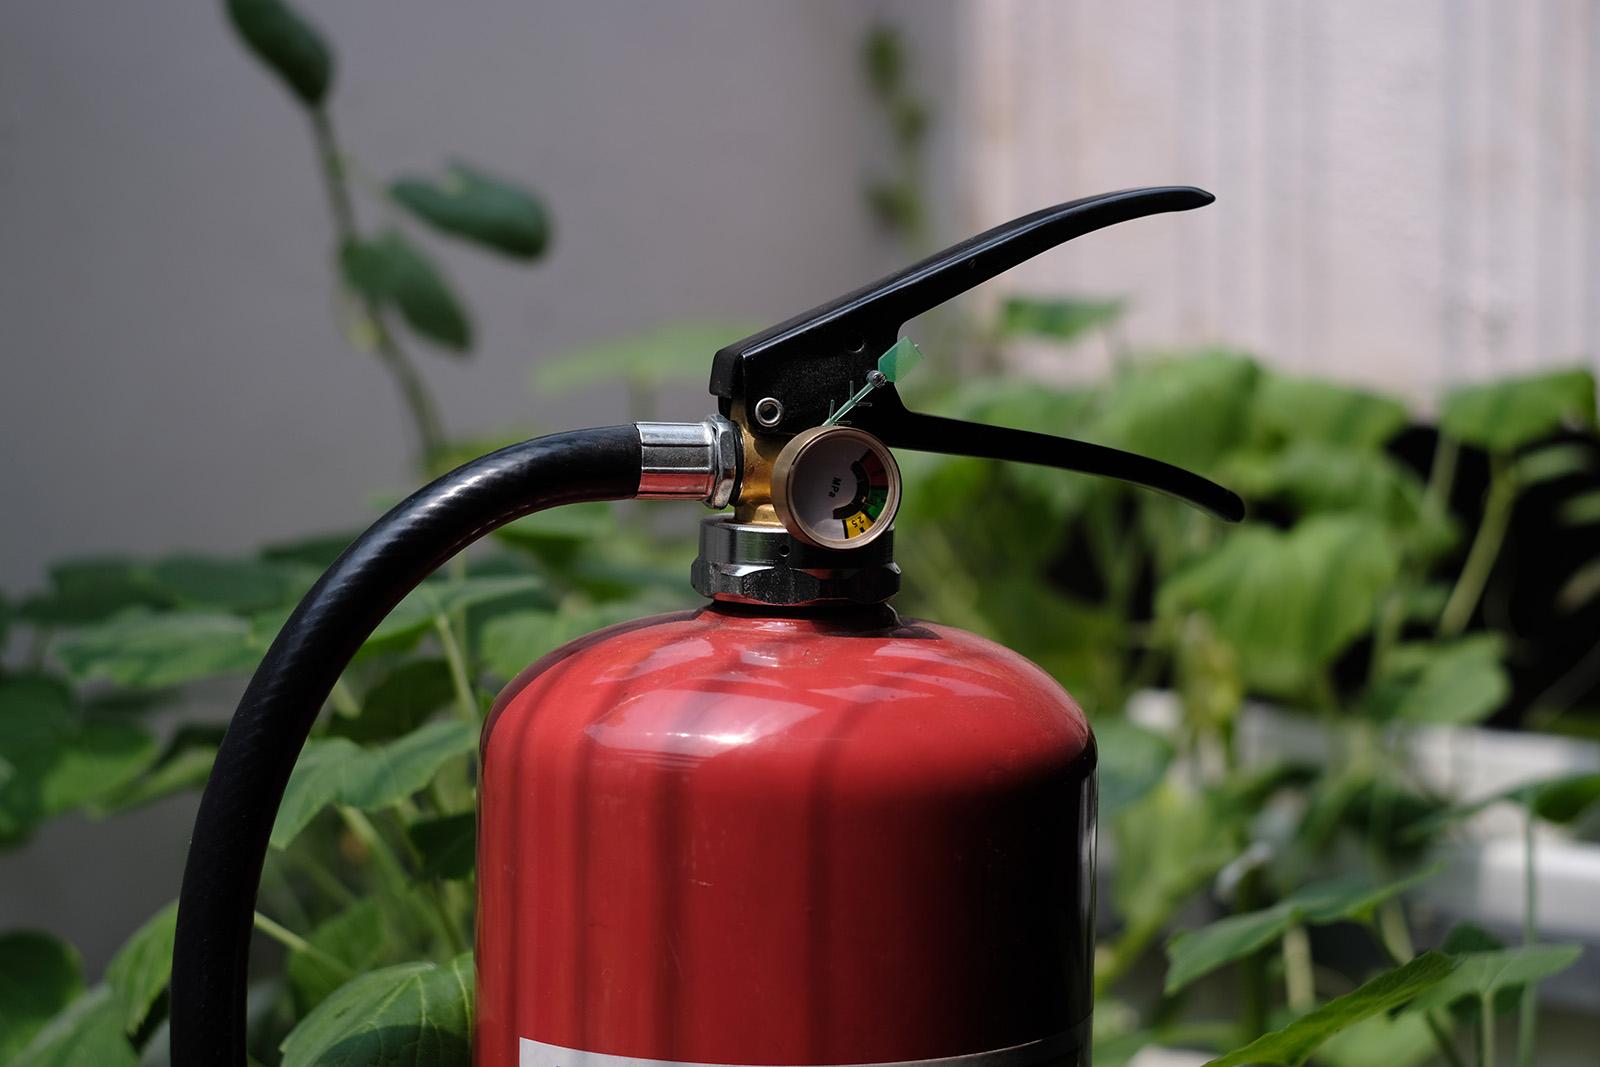 Đại lý bán bình chữa cháy tại Đồng Tháp